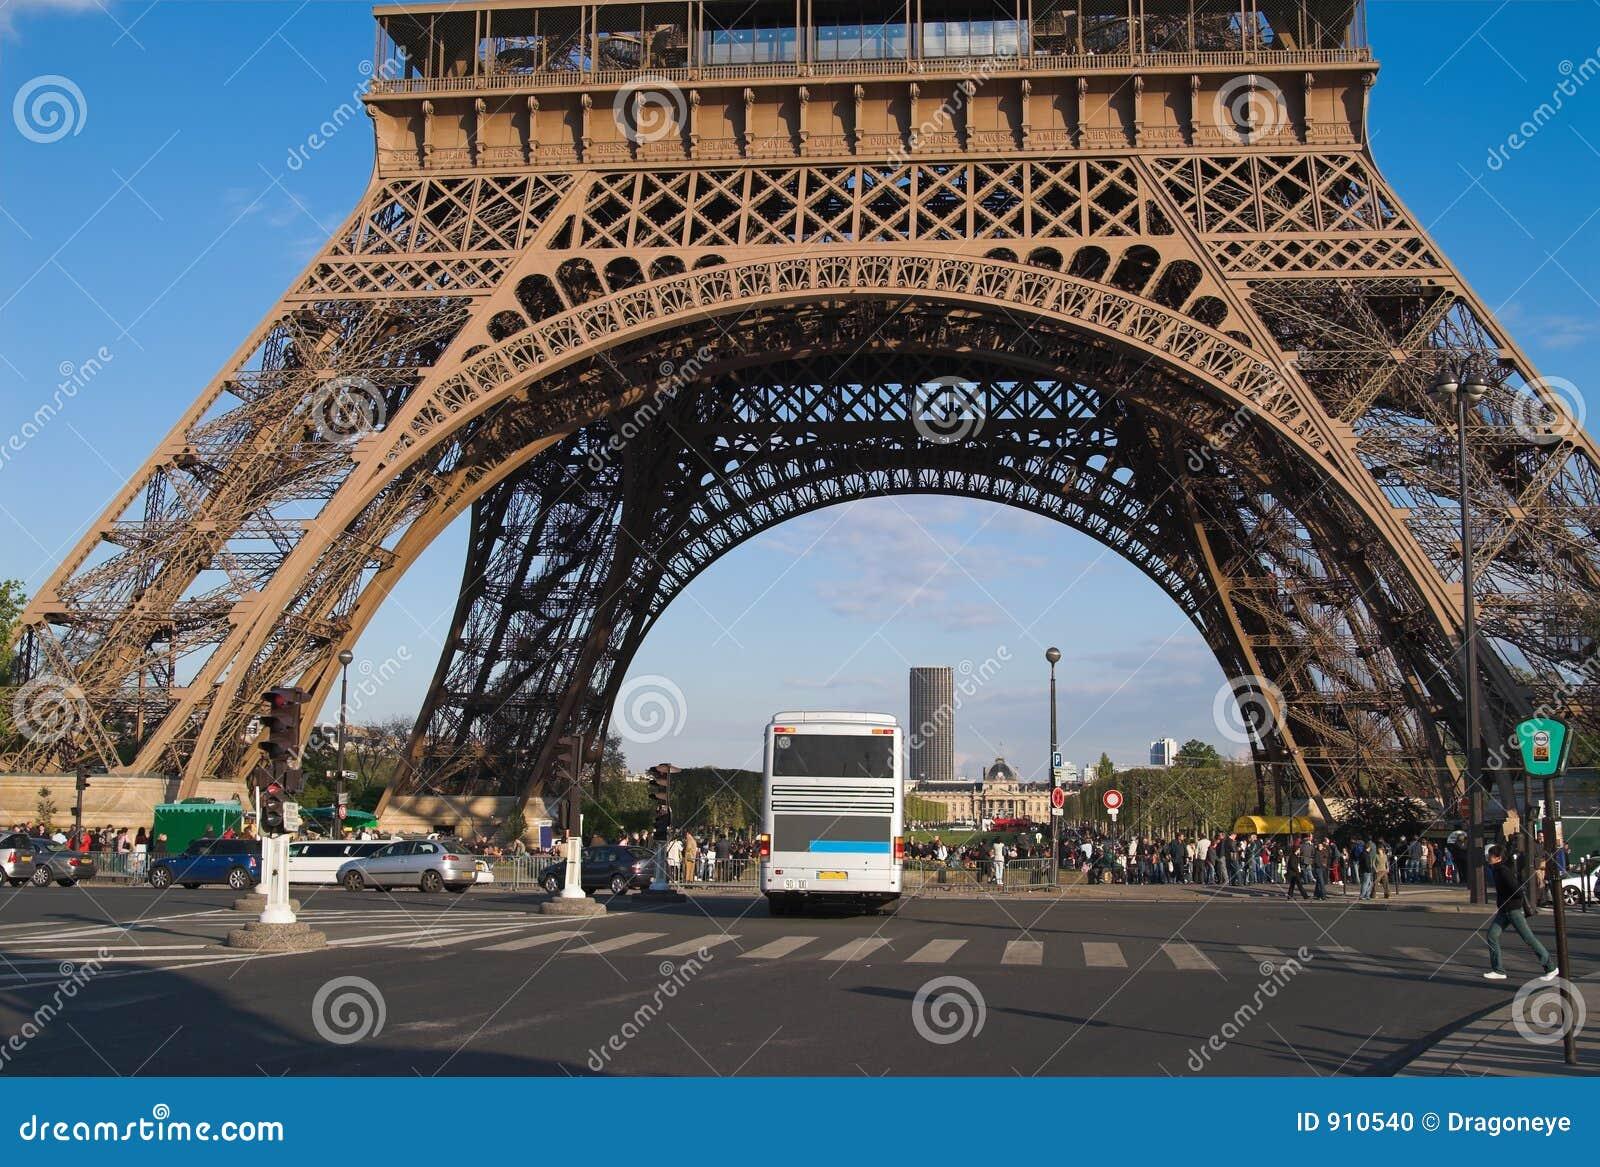 Base de tour eiffel paris photos stock inscription gratuite - Tour eiffel photos gratuites ...